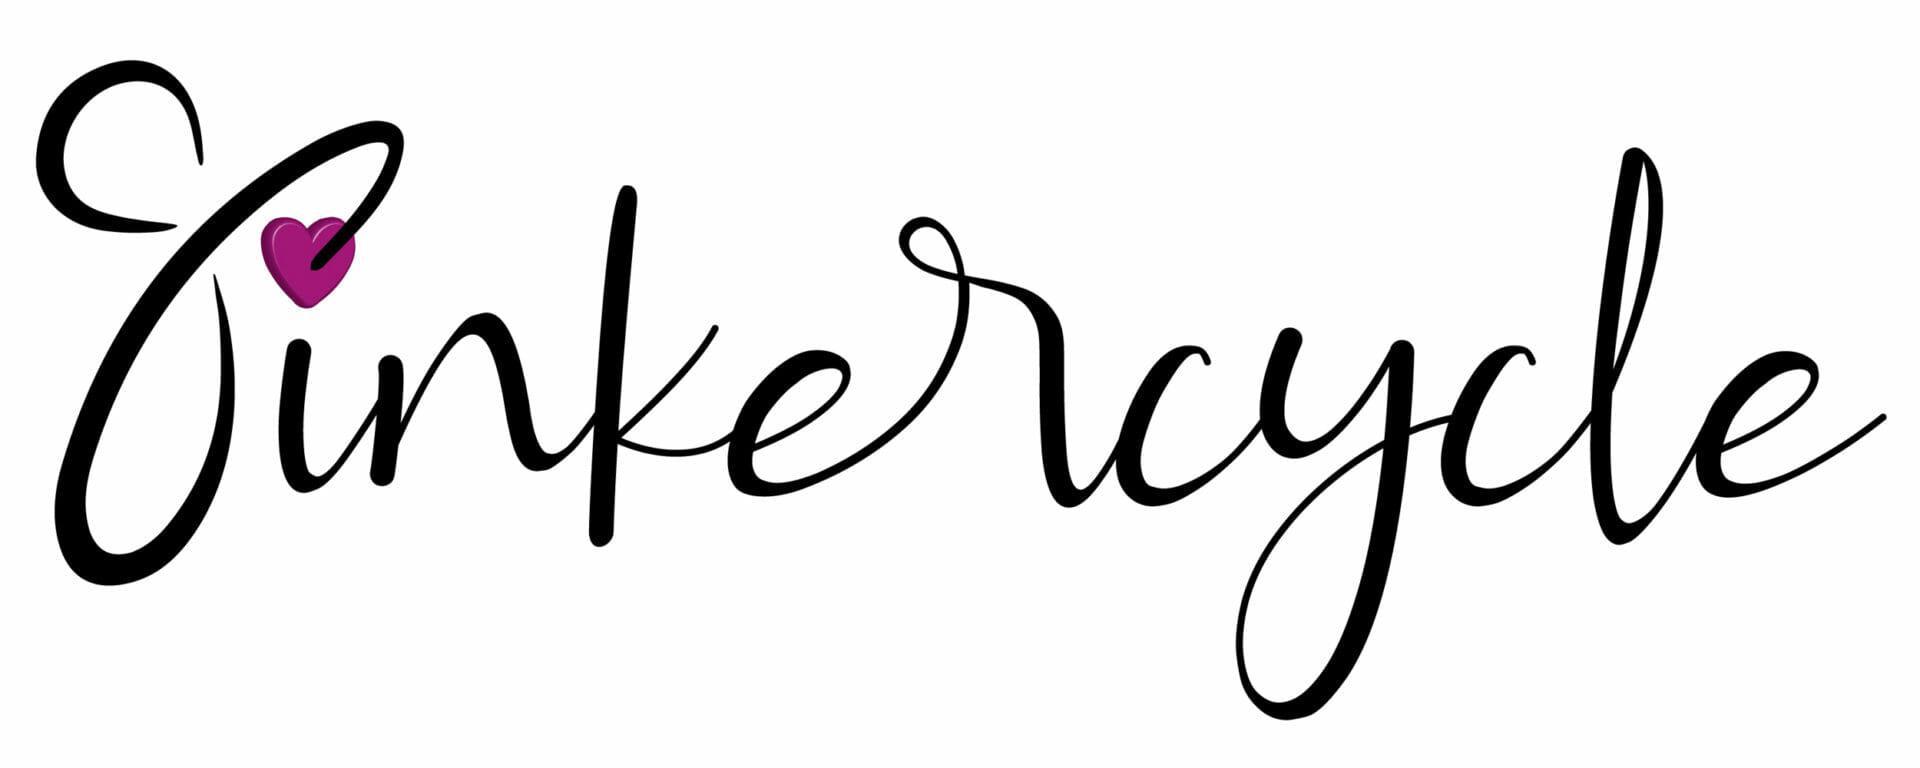 Logodesign Tinkercycle